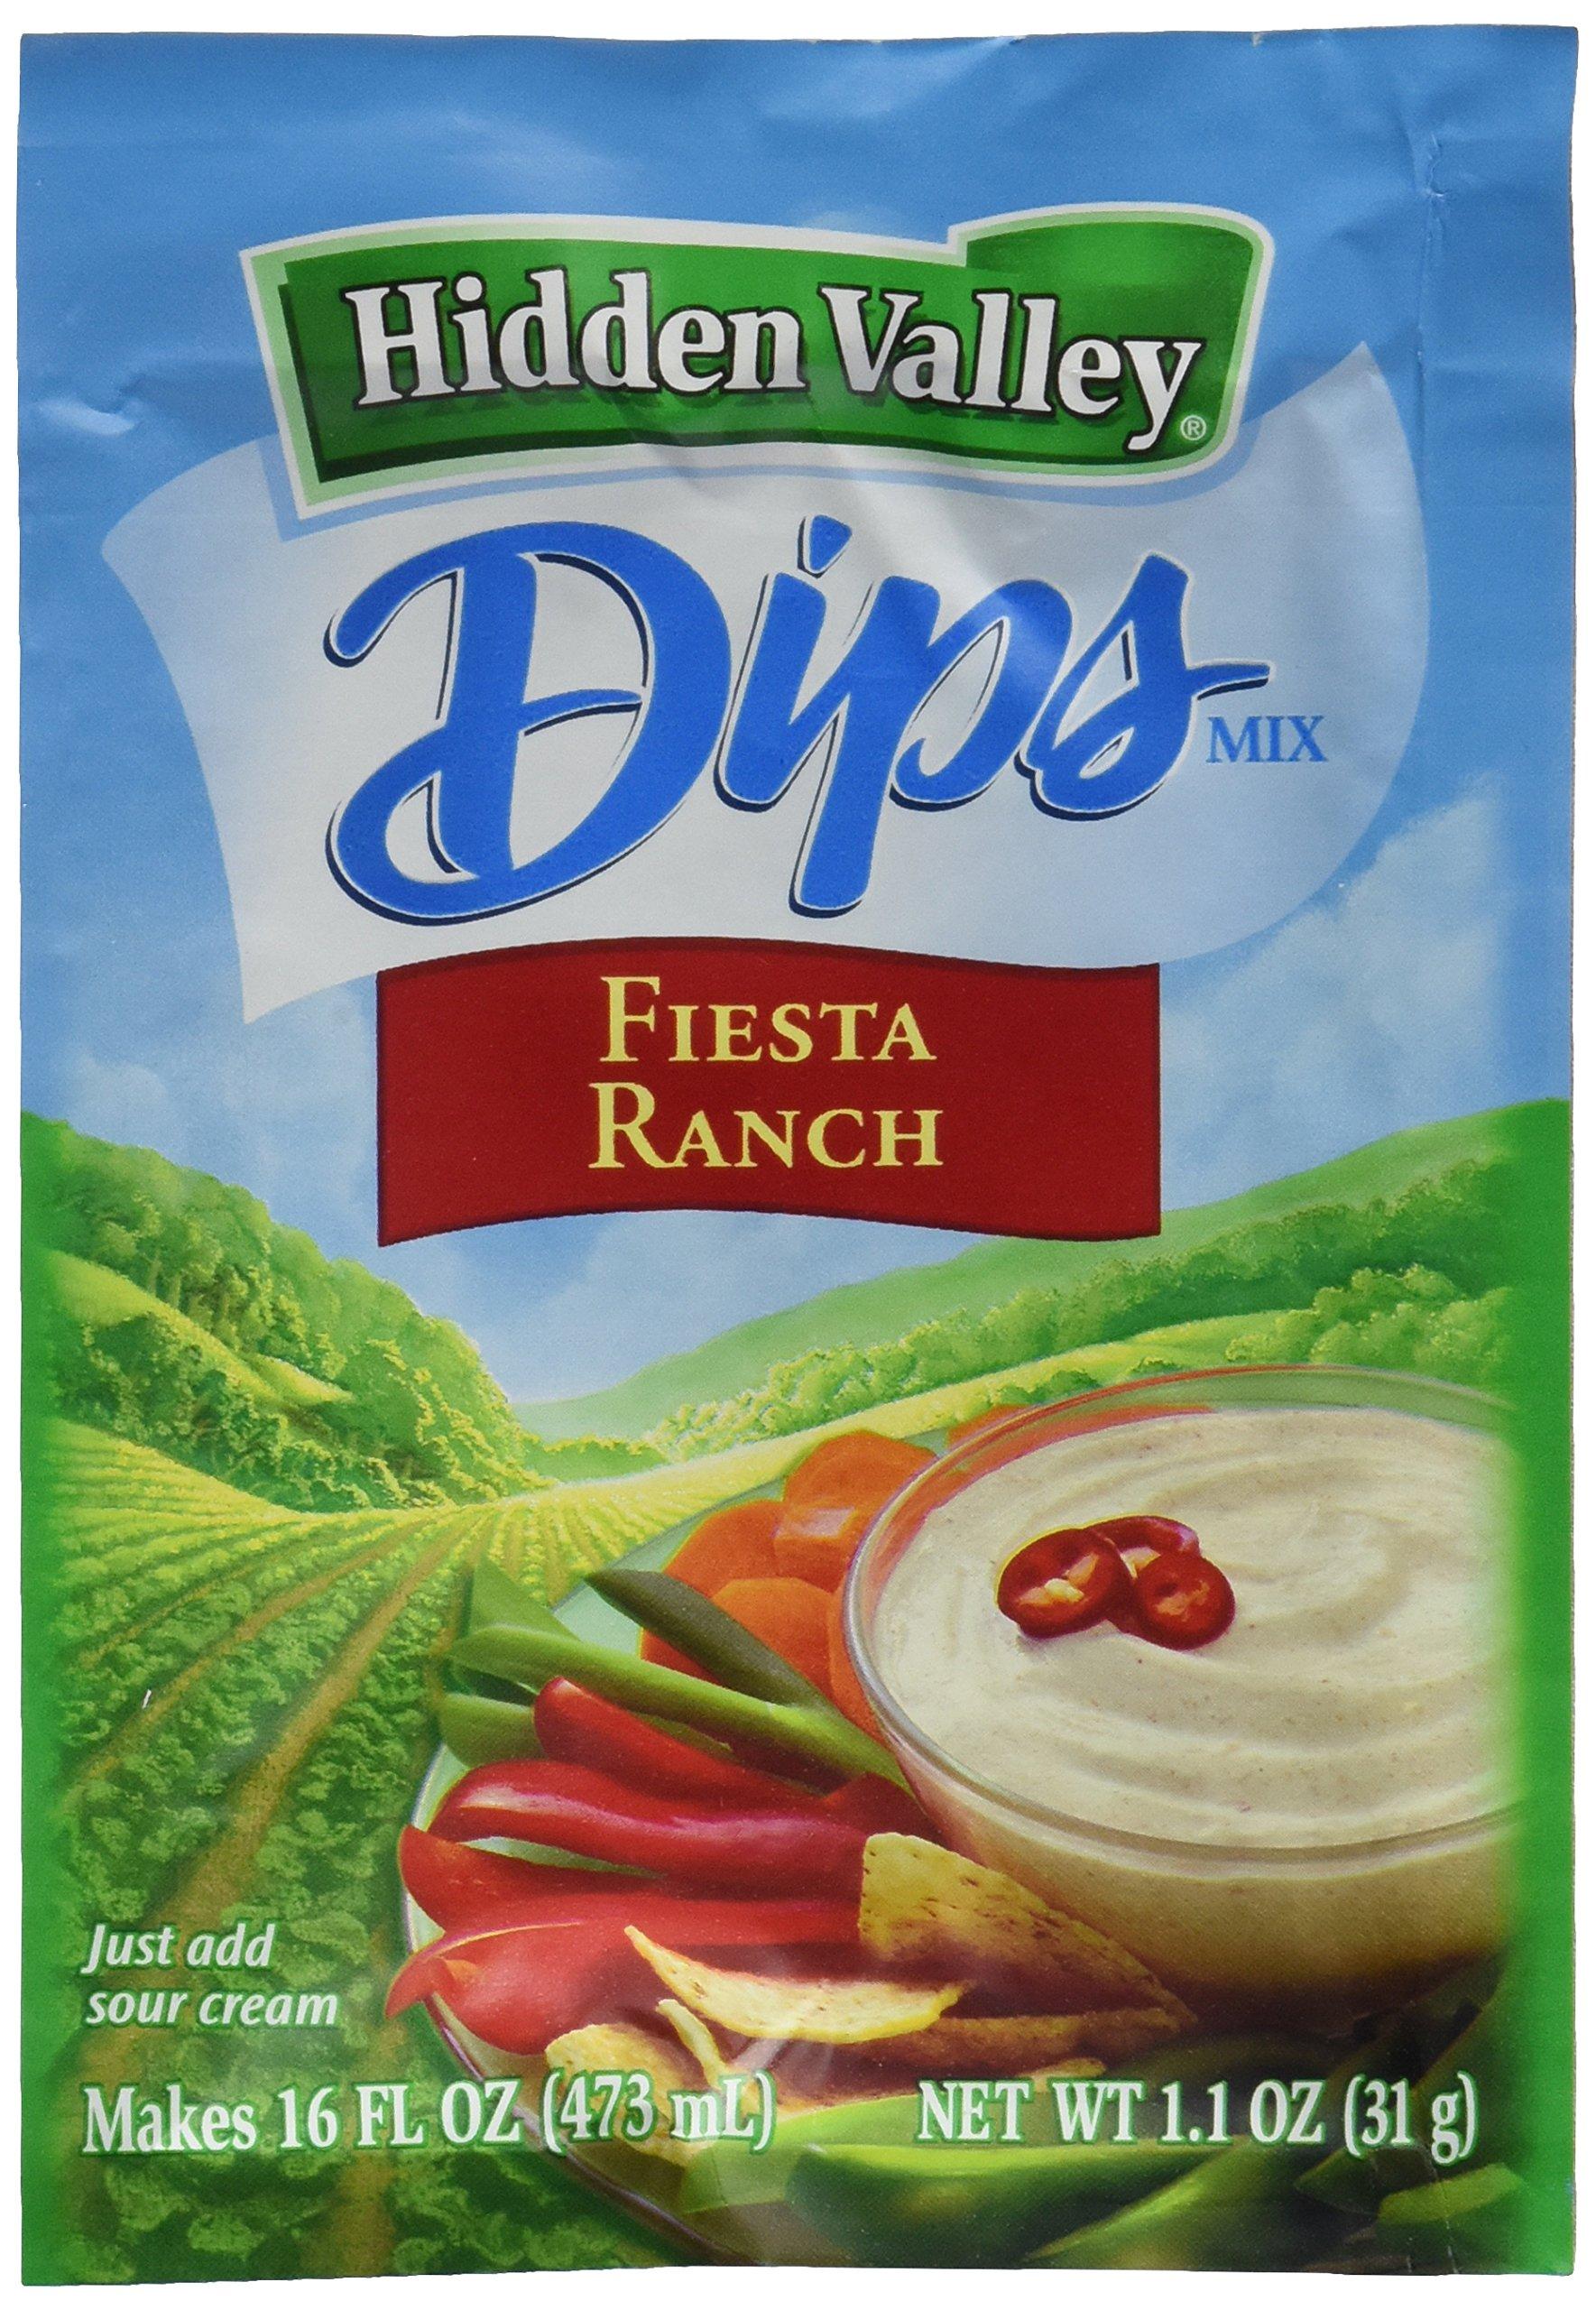 Hidden Valley Fiesta Ranch Dips Mix, Gluten Free -Pack of  24 by Hidden Valley